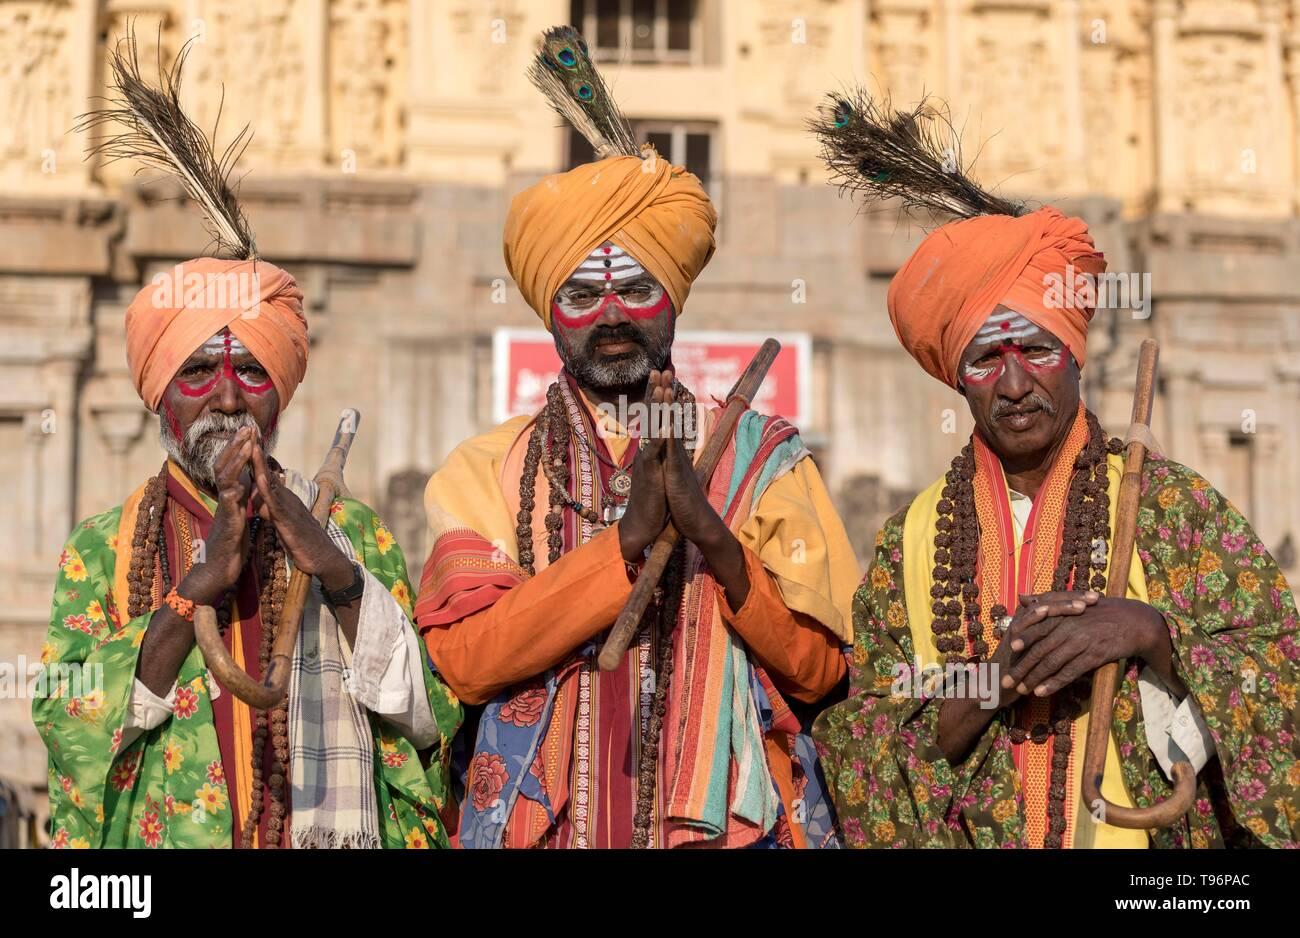 Portrait of three sadhus holy men, Hampi, India - Stock Image